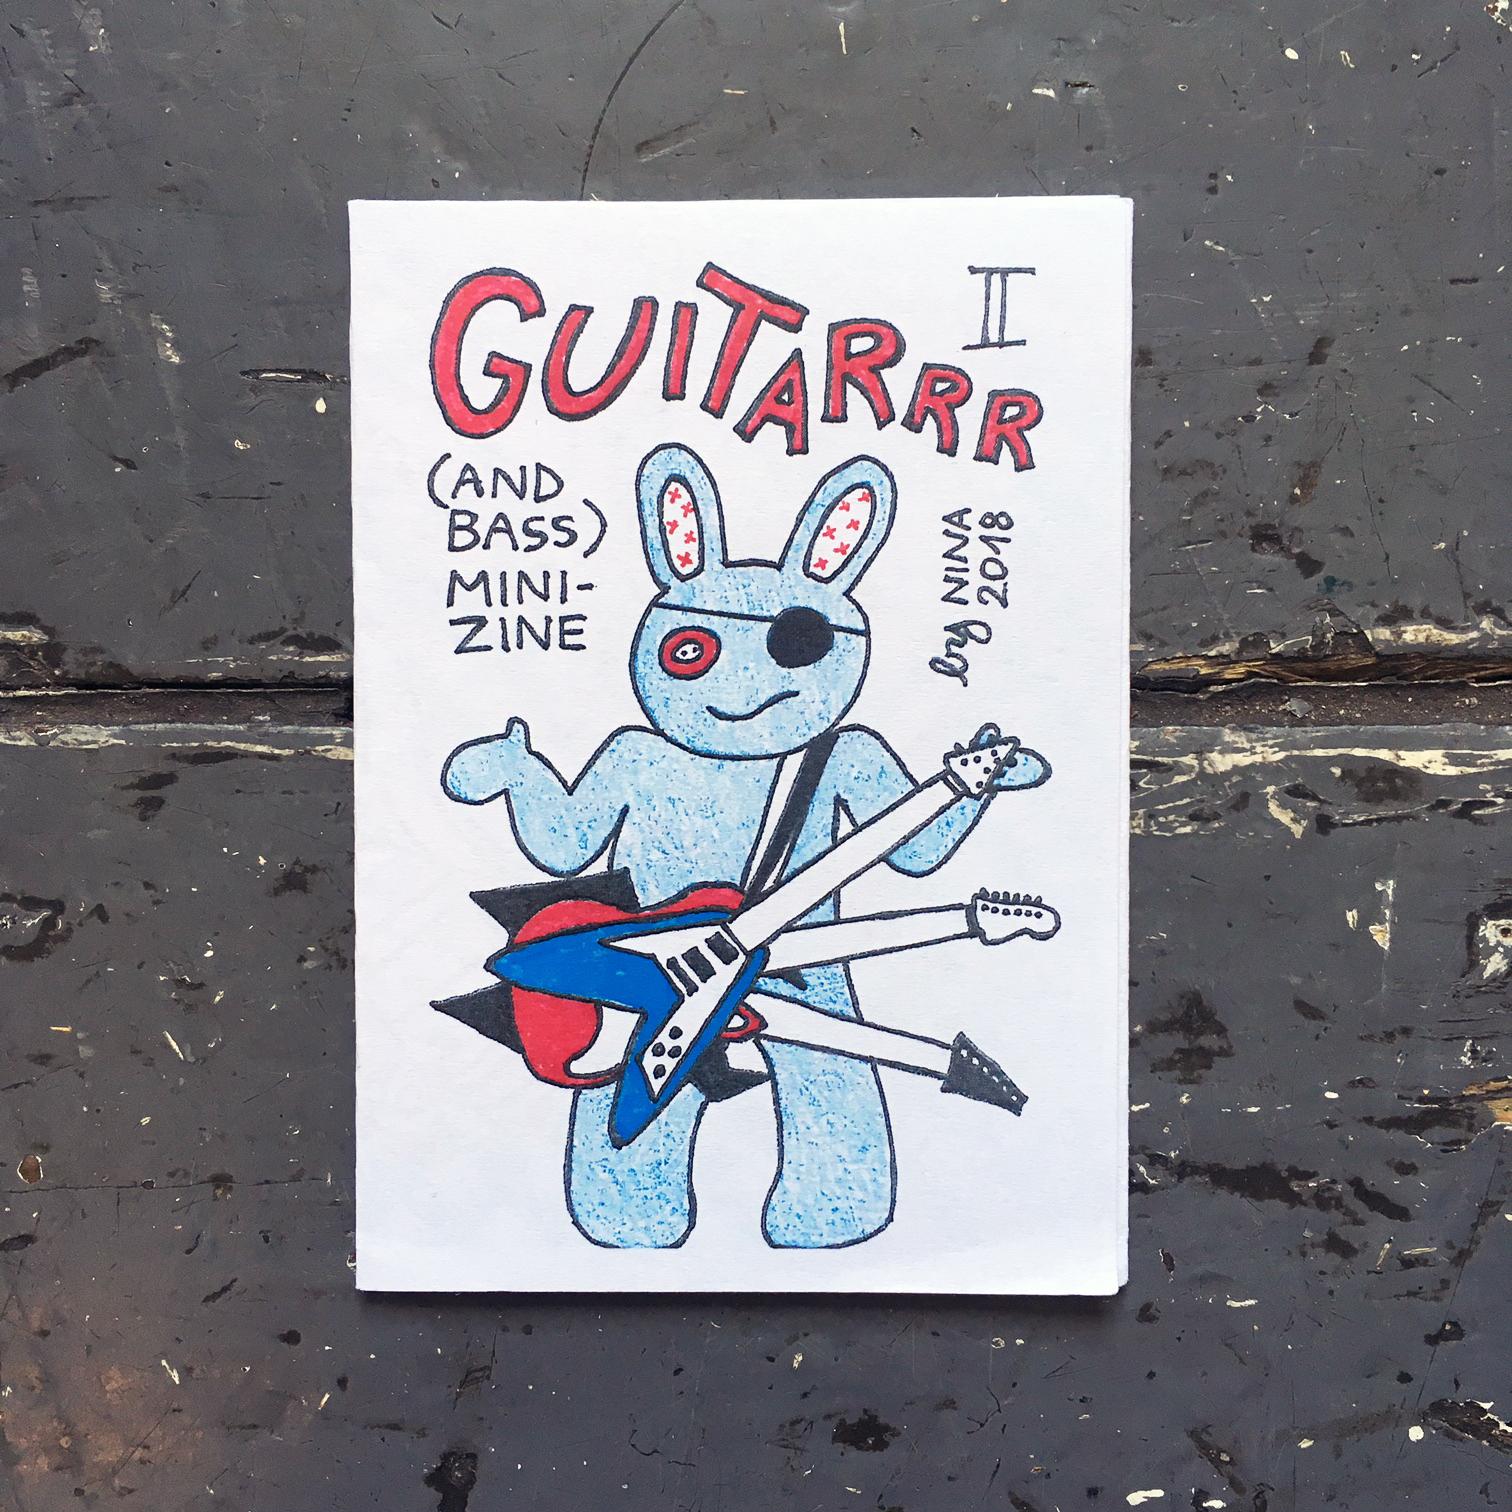 Guitarrrr (And Bass) Mini-Zines I & II